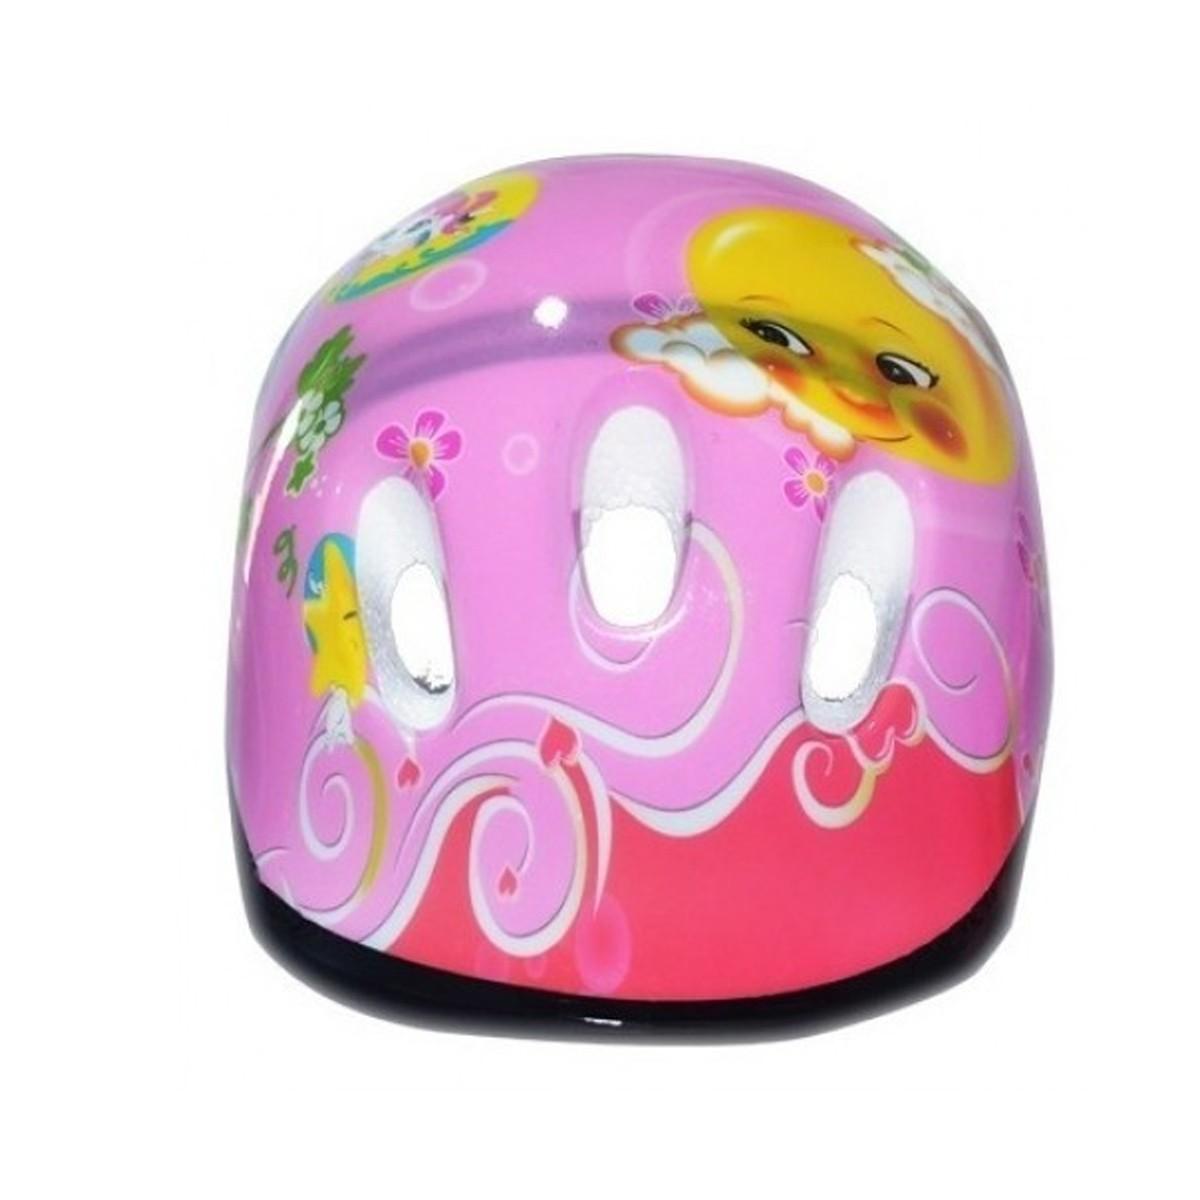 Kit Capacete Cotoveleira Joelheira Infantil Bike Skate Rosa